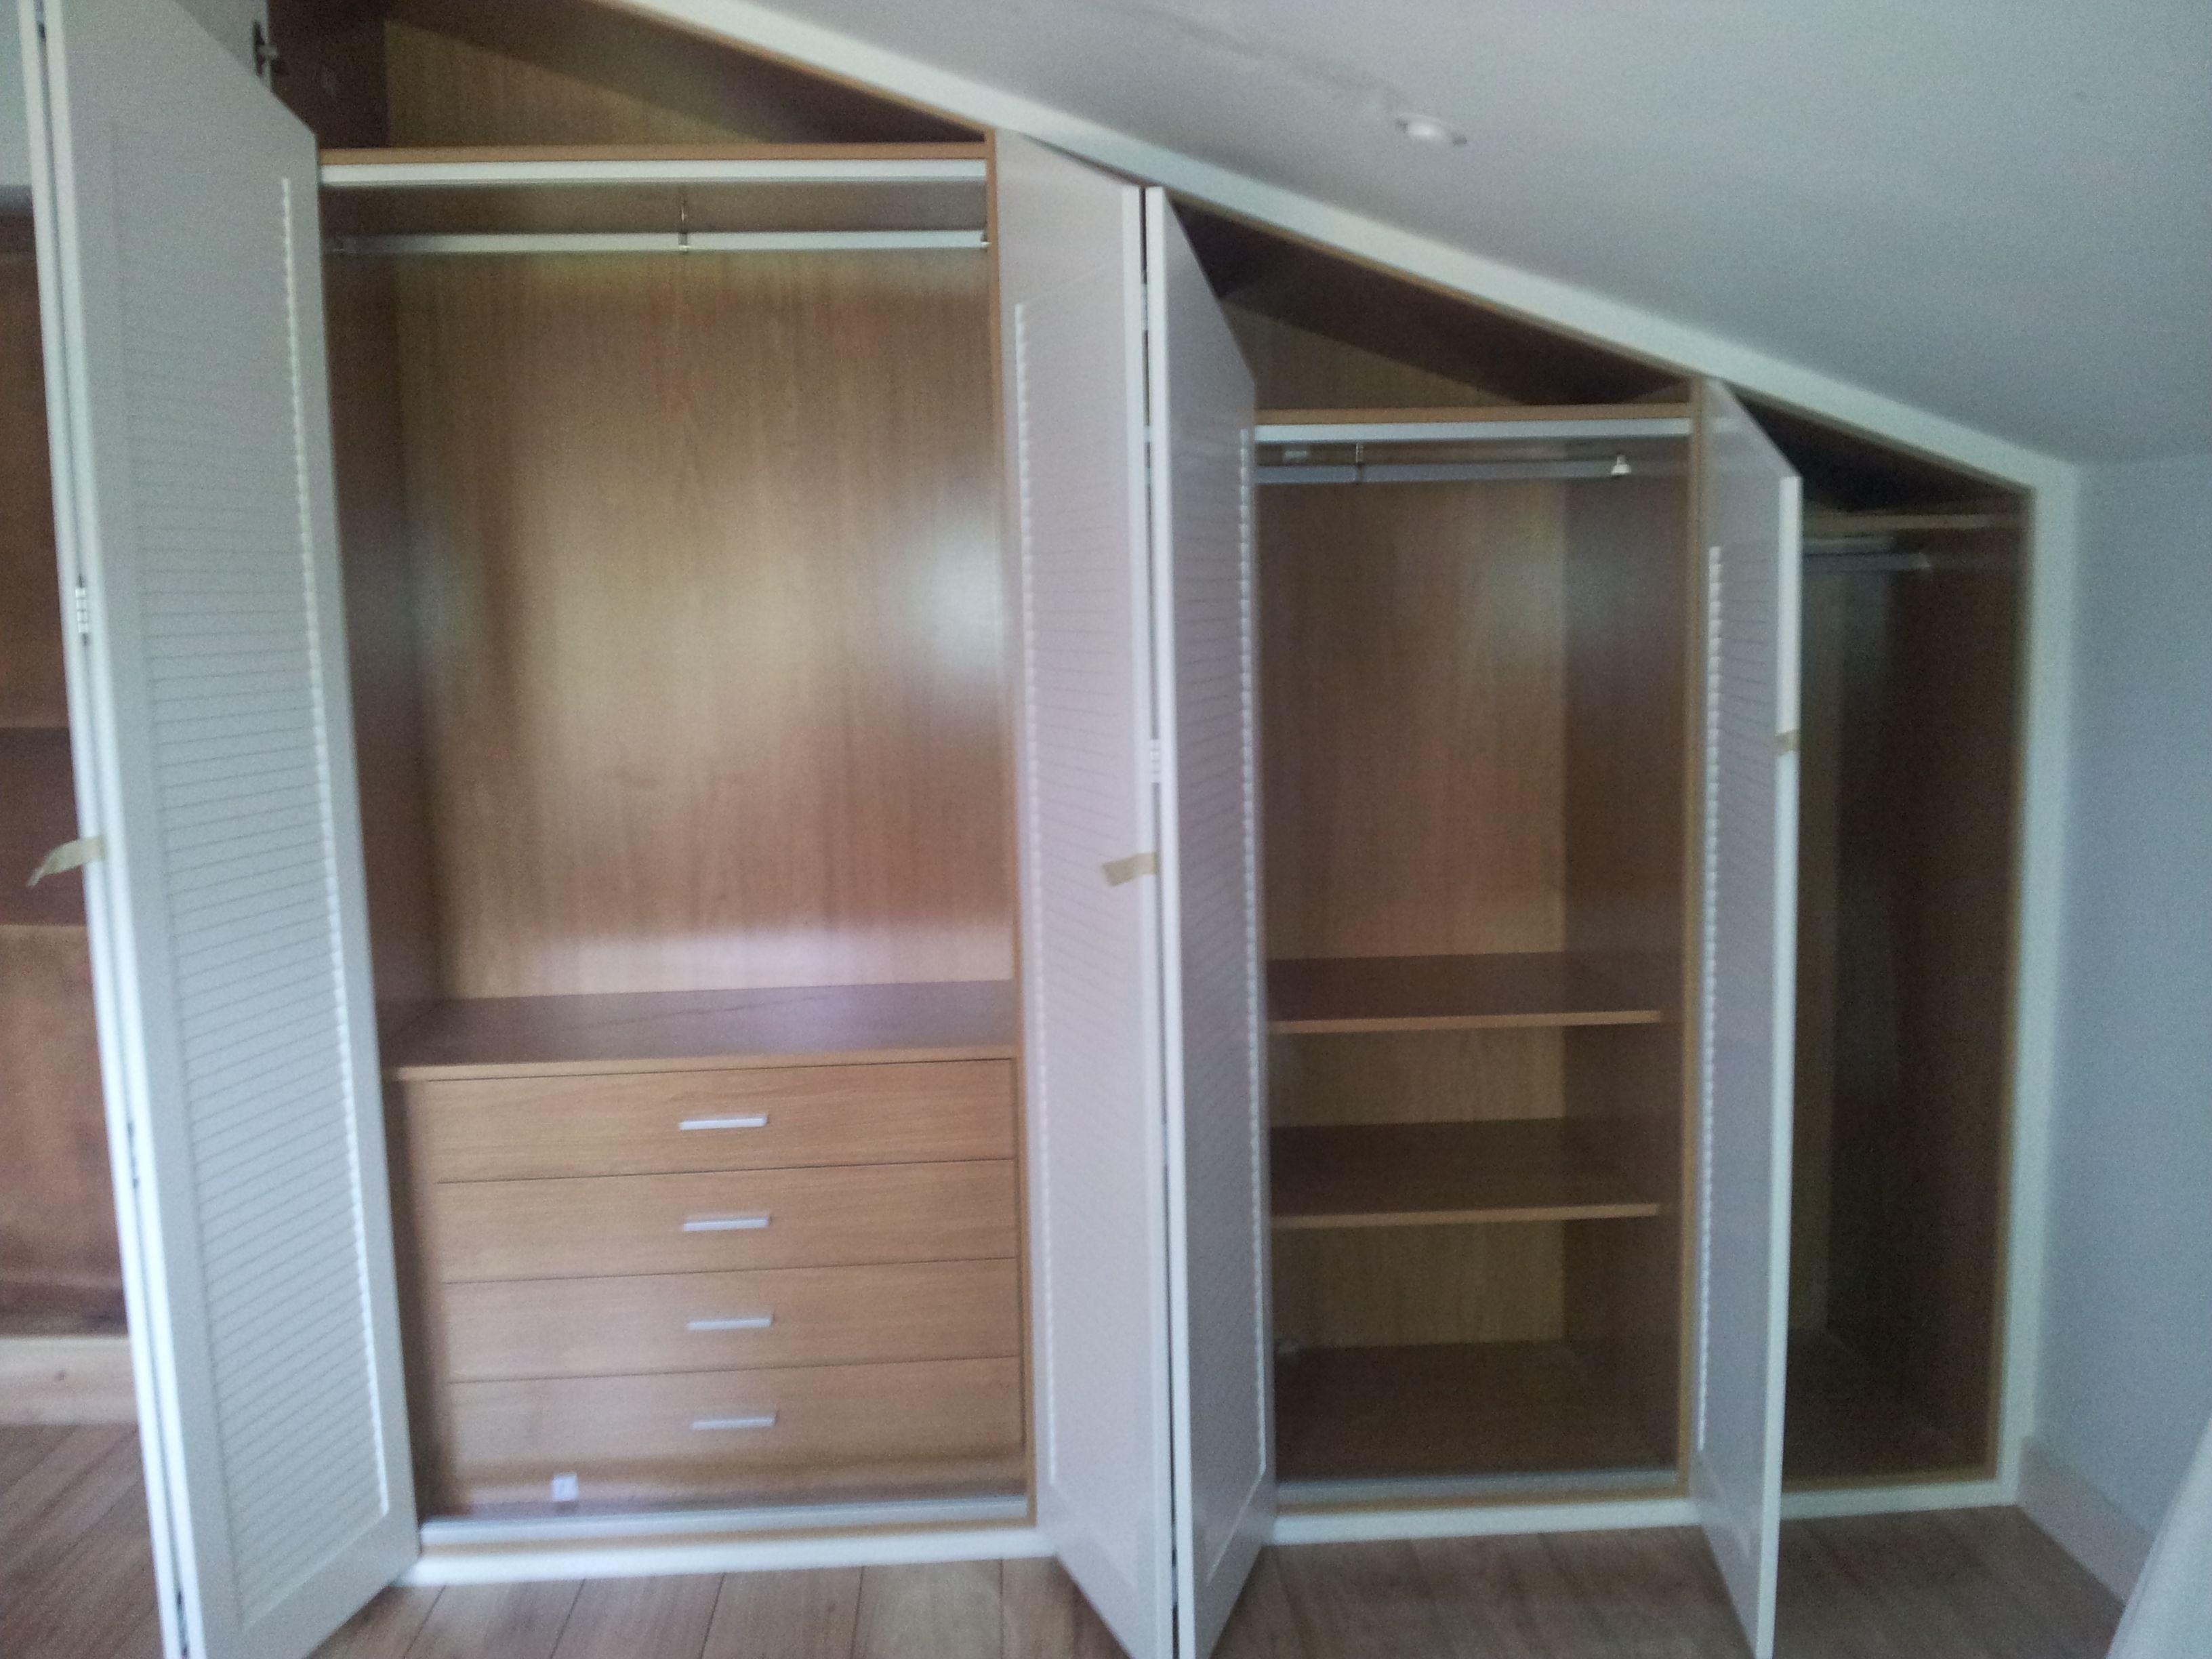 Armario de puertas plegables abuhardillado el lujo en su hogar - Puertas plegables armarios ...